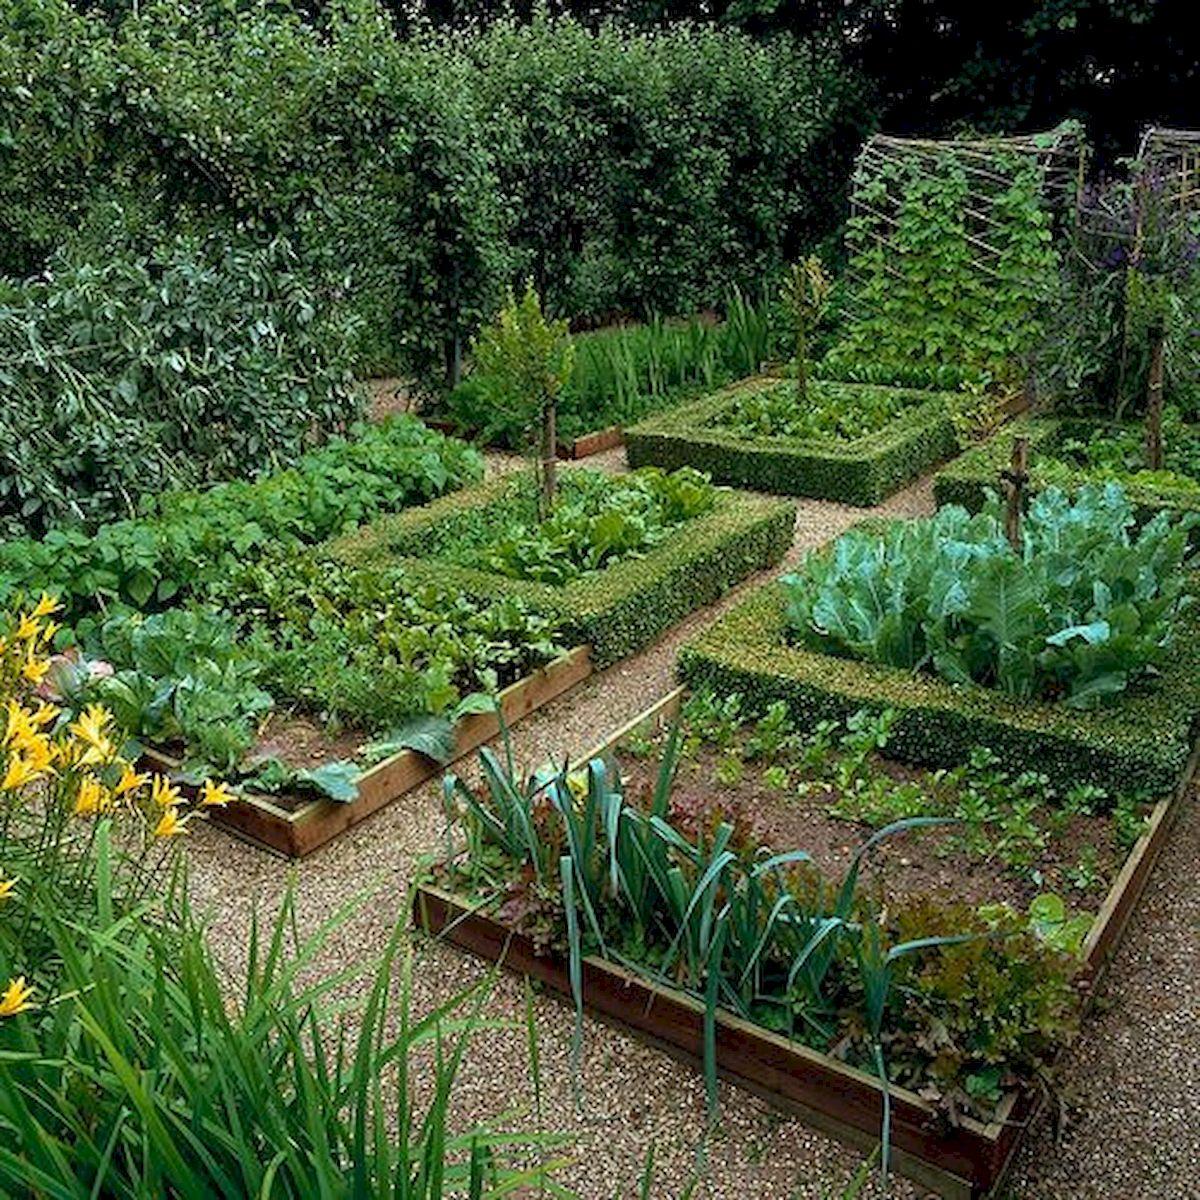 ниши как распланировать огород и сад фото разберемся основных